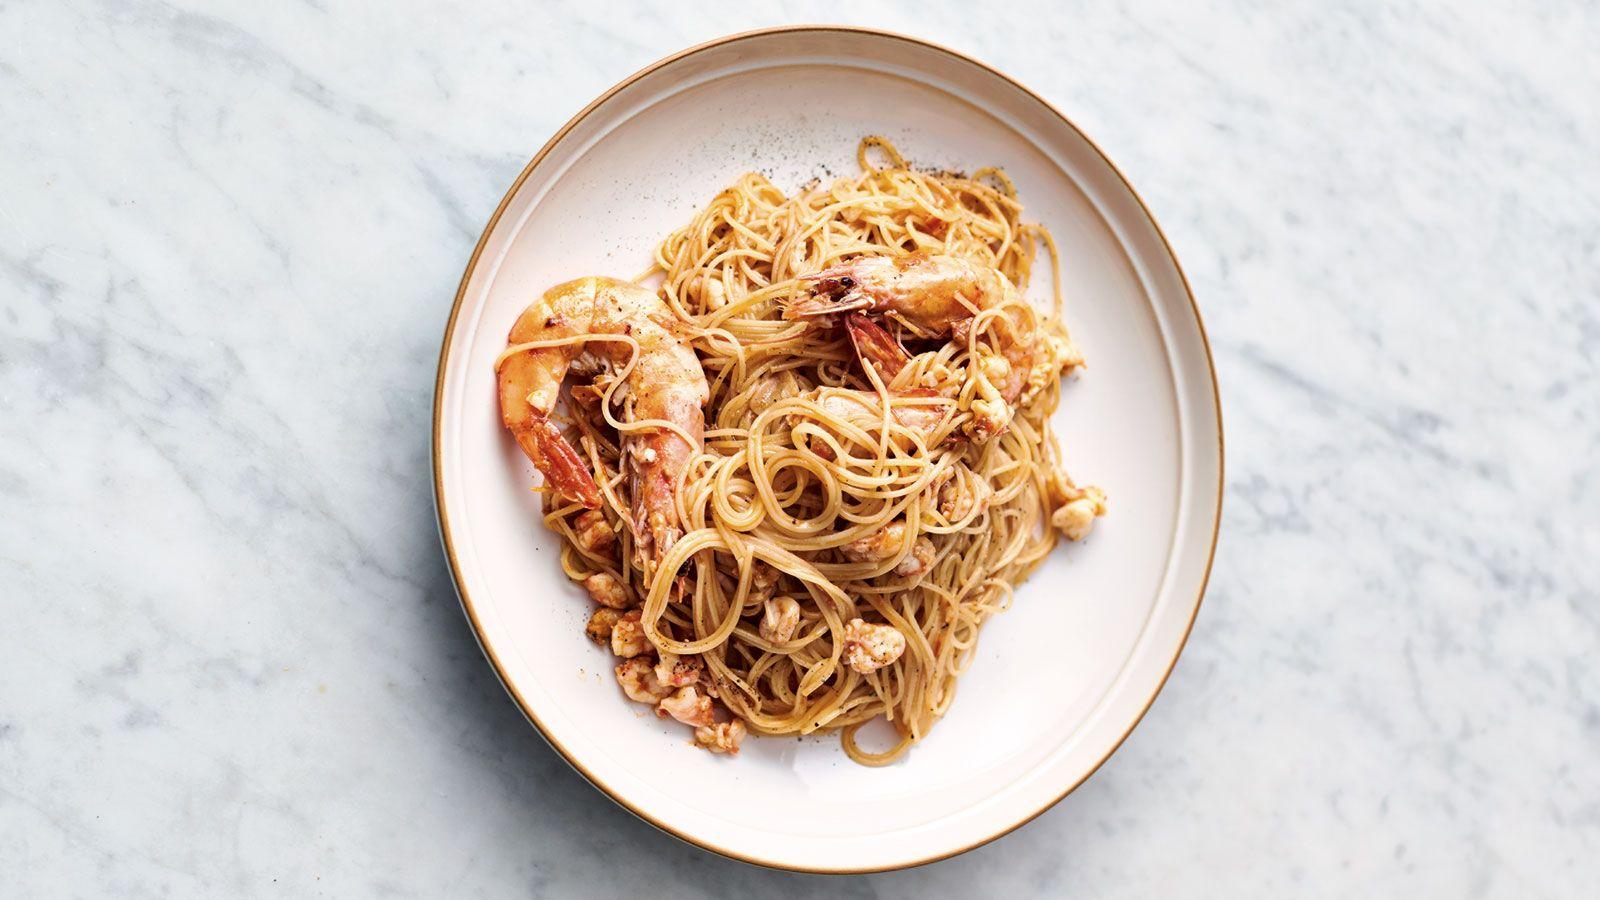 En Primer Lugar Ponemos A Cocer La Pasta En Agua Hirviendo Con Sal Siguiendo Las Instrucciones Del Fabricante Cooking Jamie Oliver Recipes How To Cook Pasta